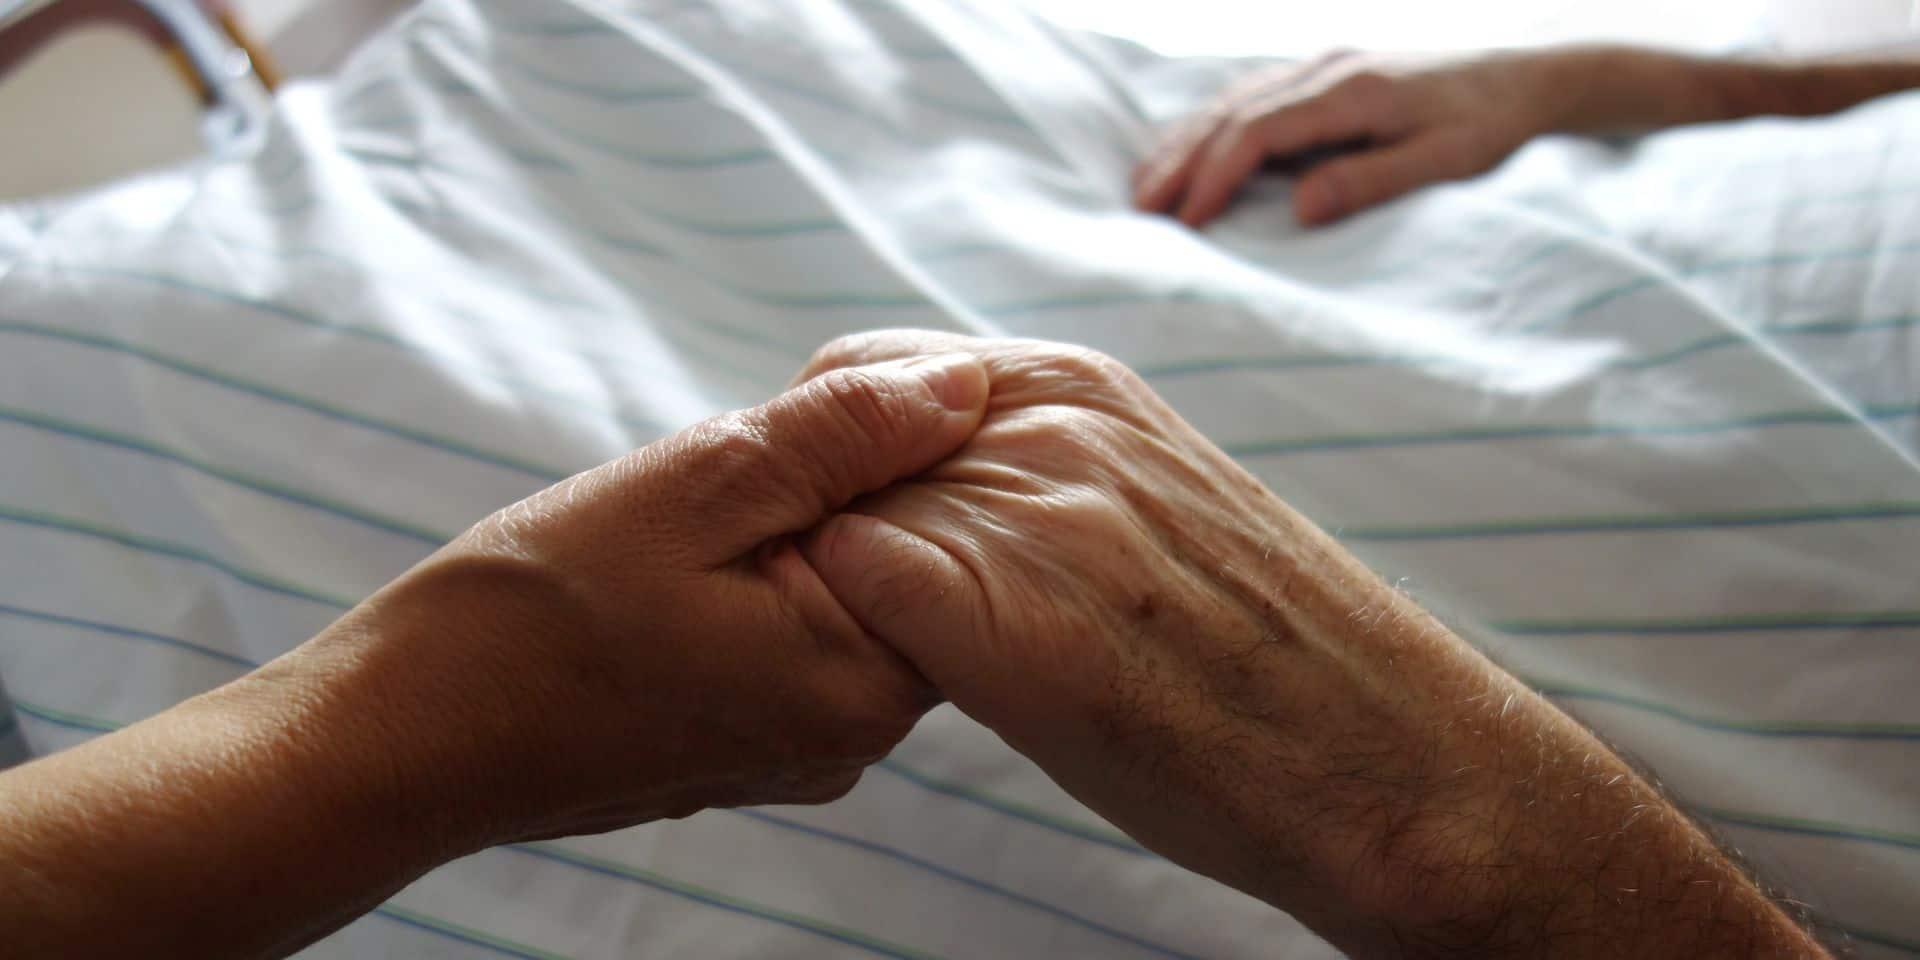 La Commission euthanasie clarifie la notion d'indépendance des médecins consultés